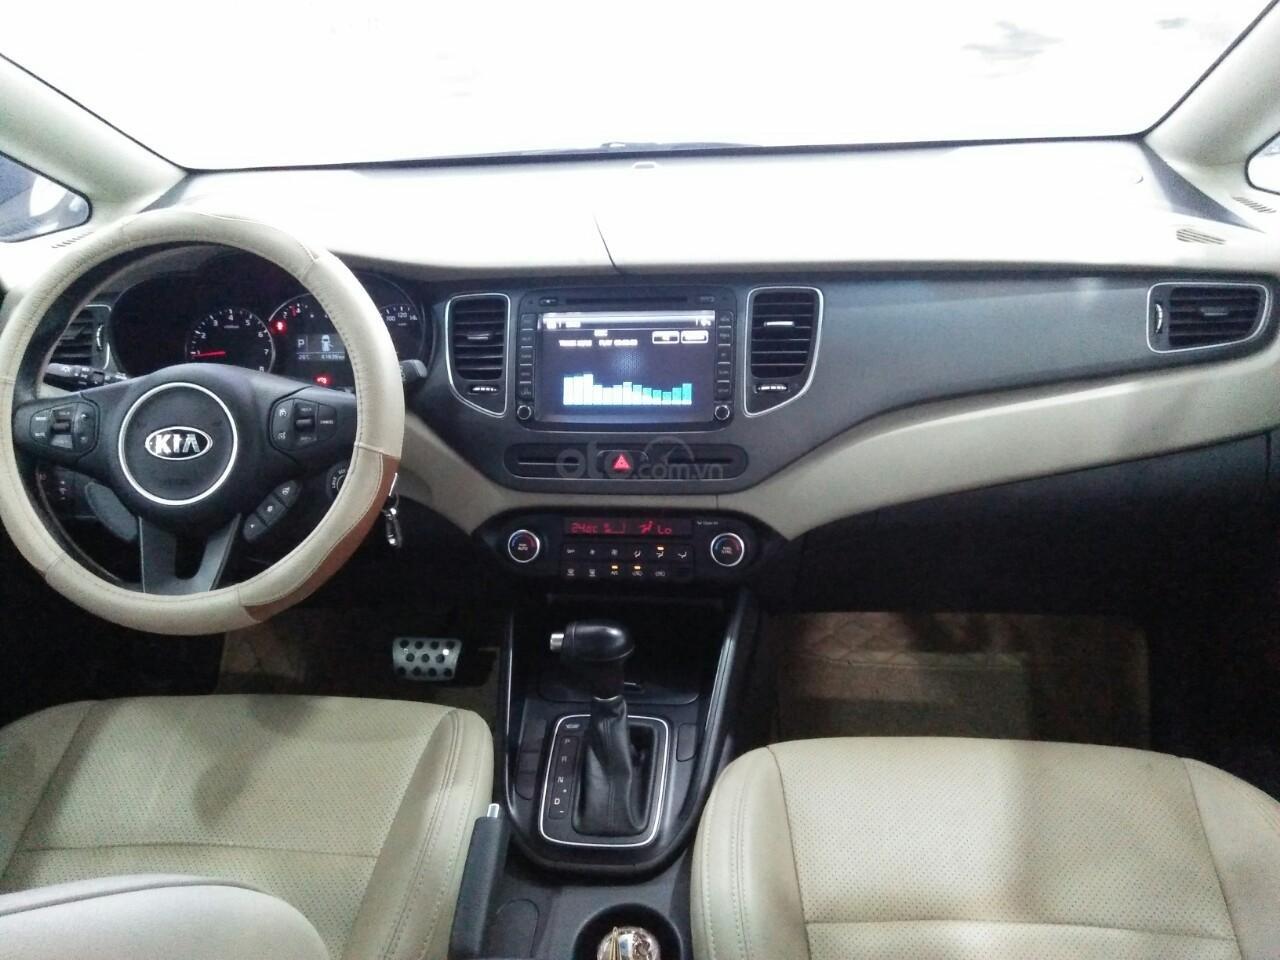 Kia Rondo 2018AT mới nhất thị trường không 1 lỗi nhỏ-3